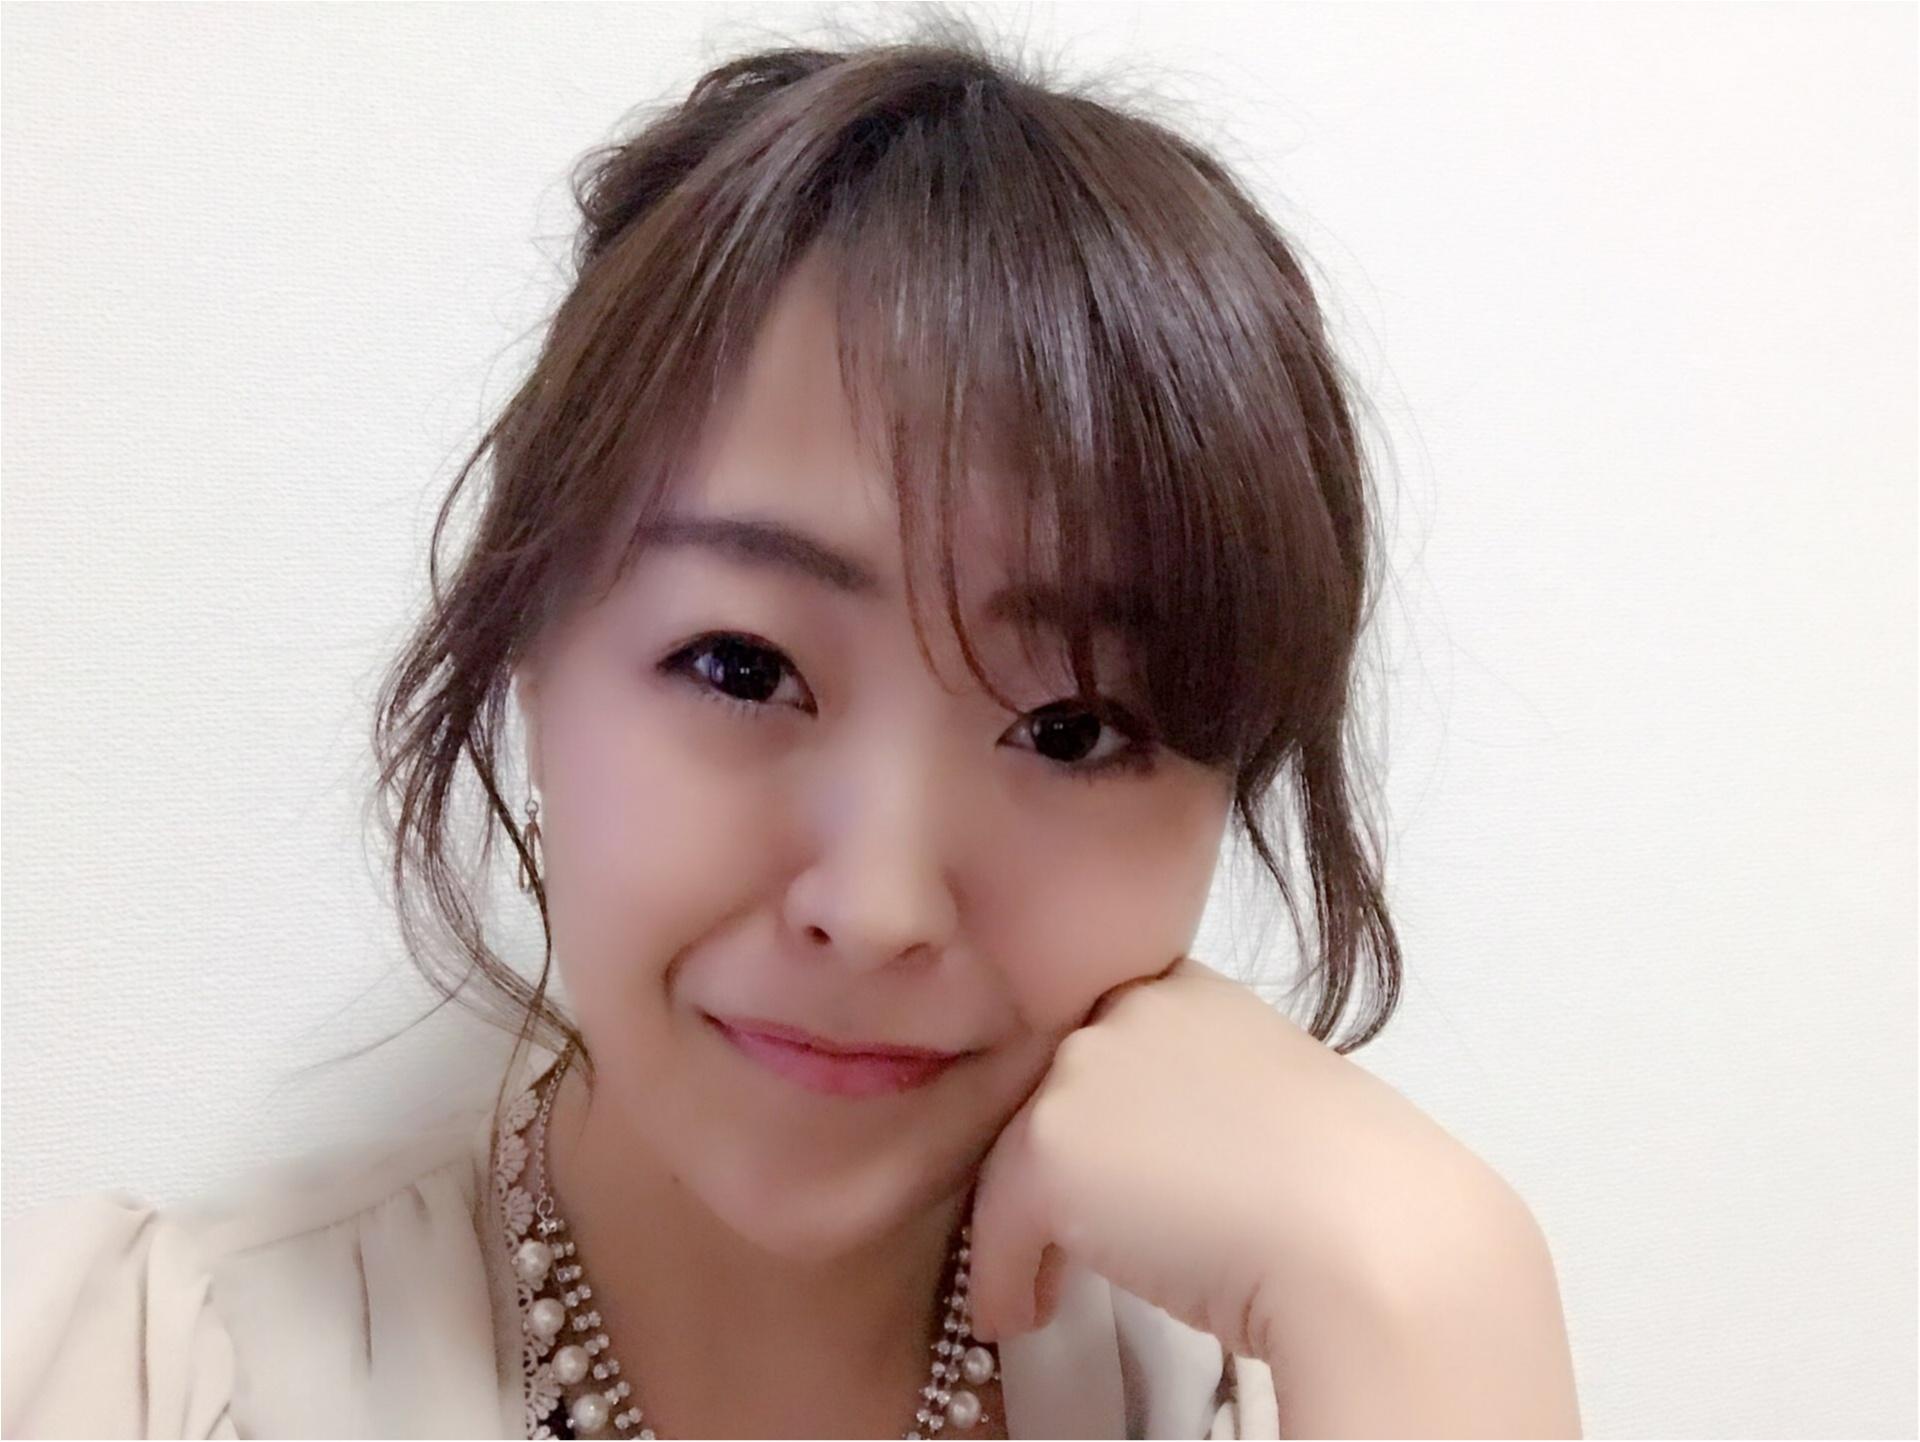 【モアハピ部】スター☆ブロガーズ*Ayane*です❤︎今期もよろしくお願いします☺︎_1